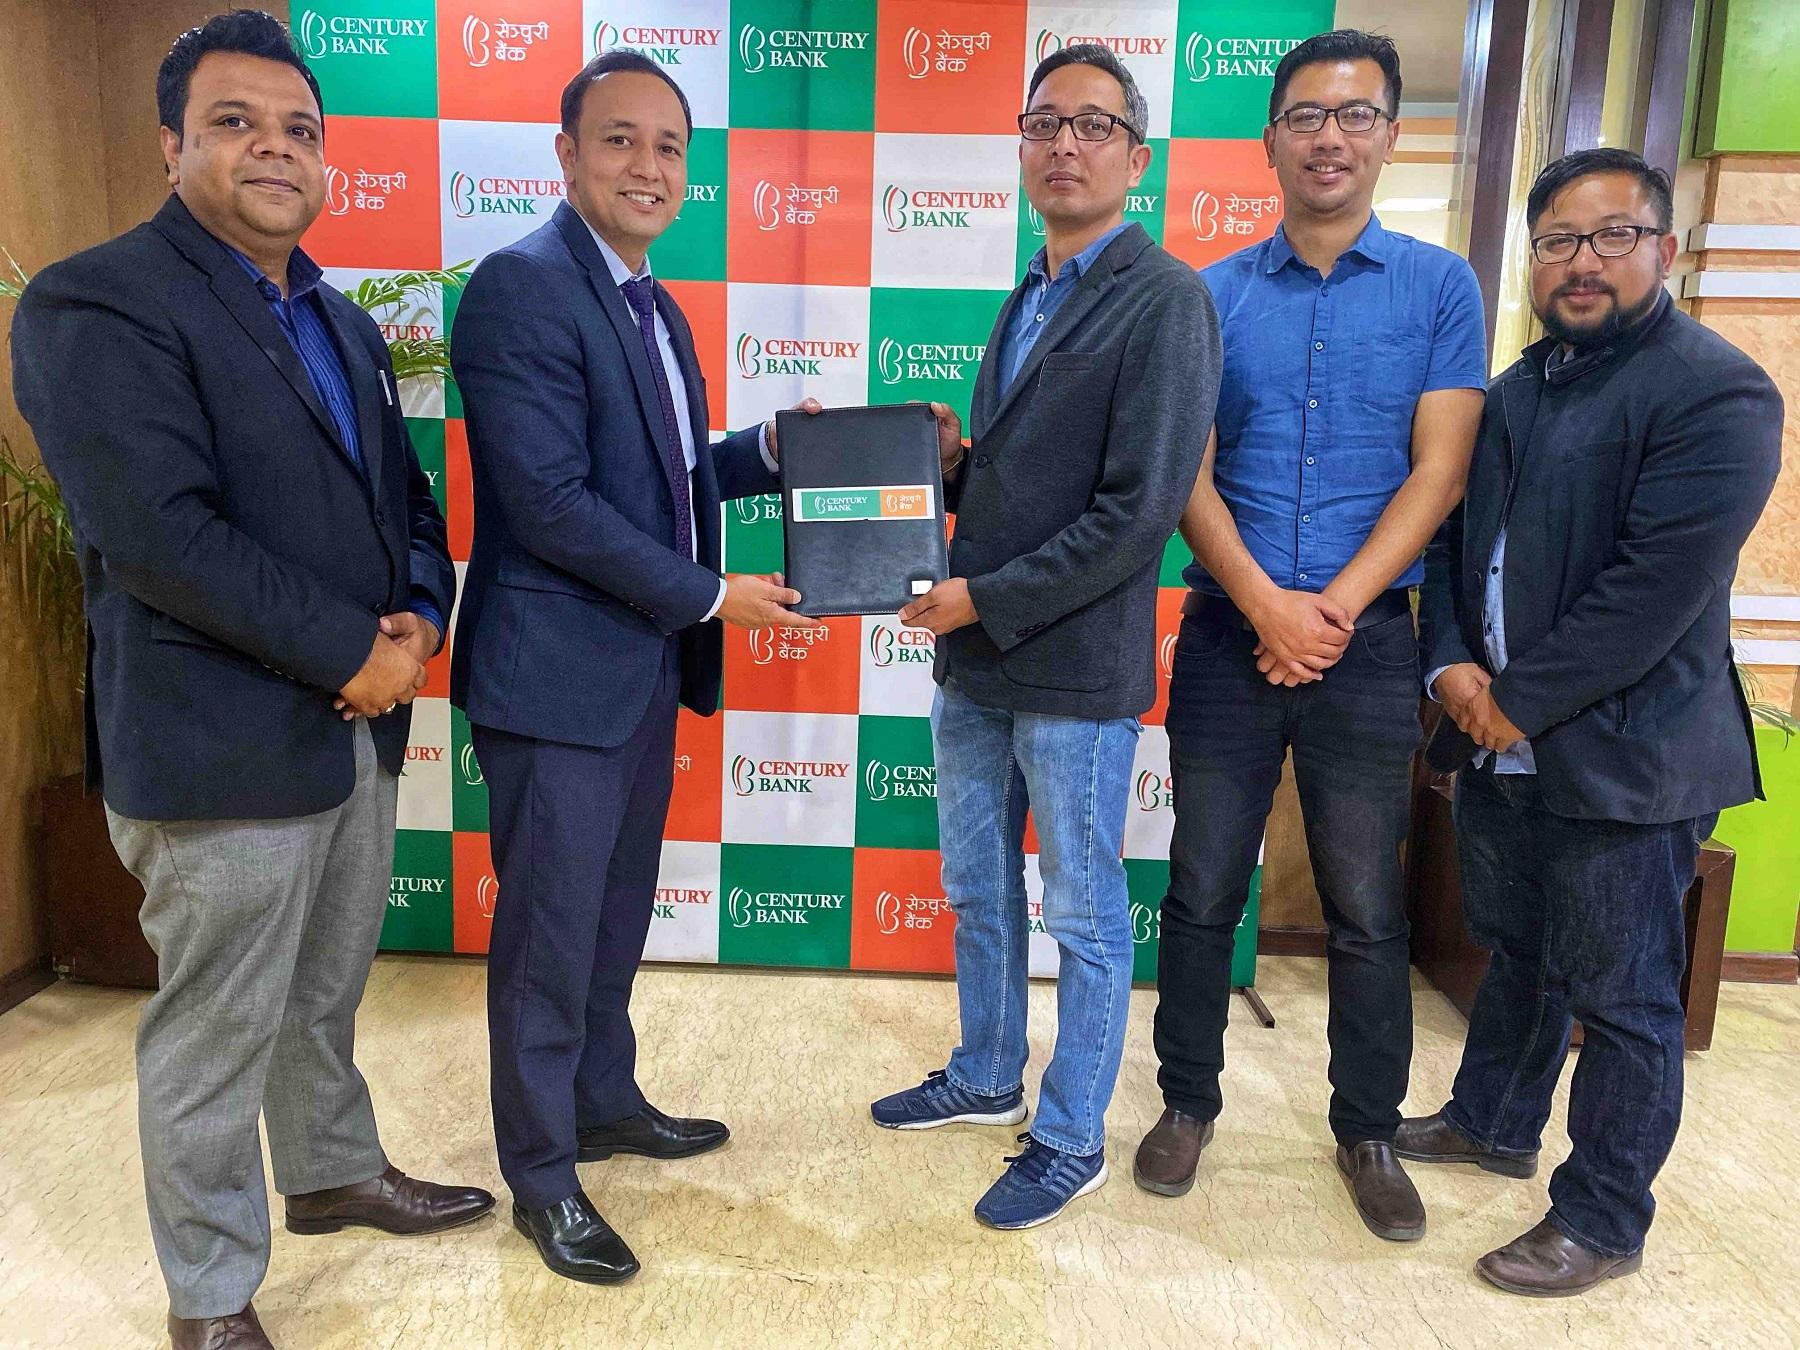 सेञ्चुरी बैंक र एफवान सफ्टबीच मोबाईल बैंकिङ सेवाका लागि सम्झौता